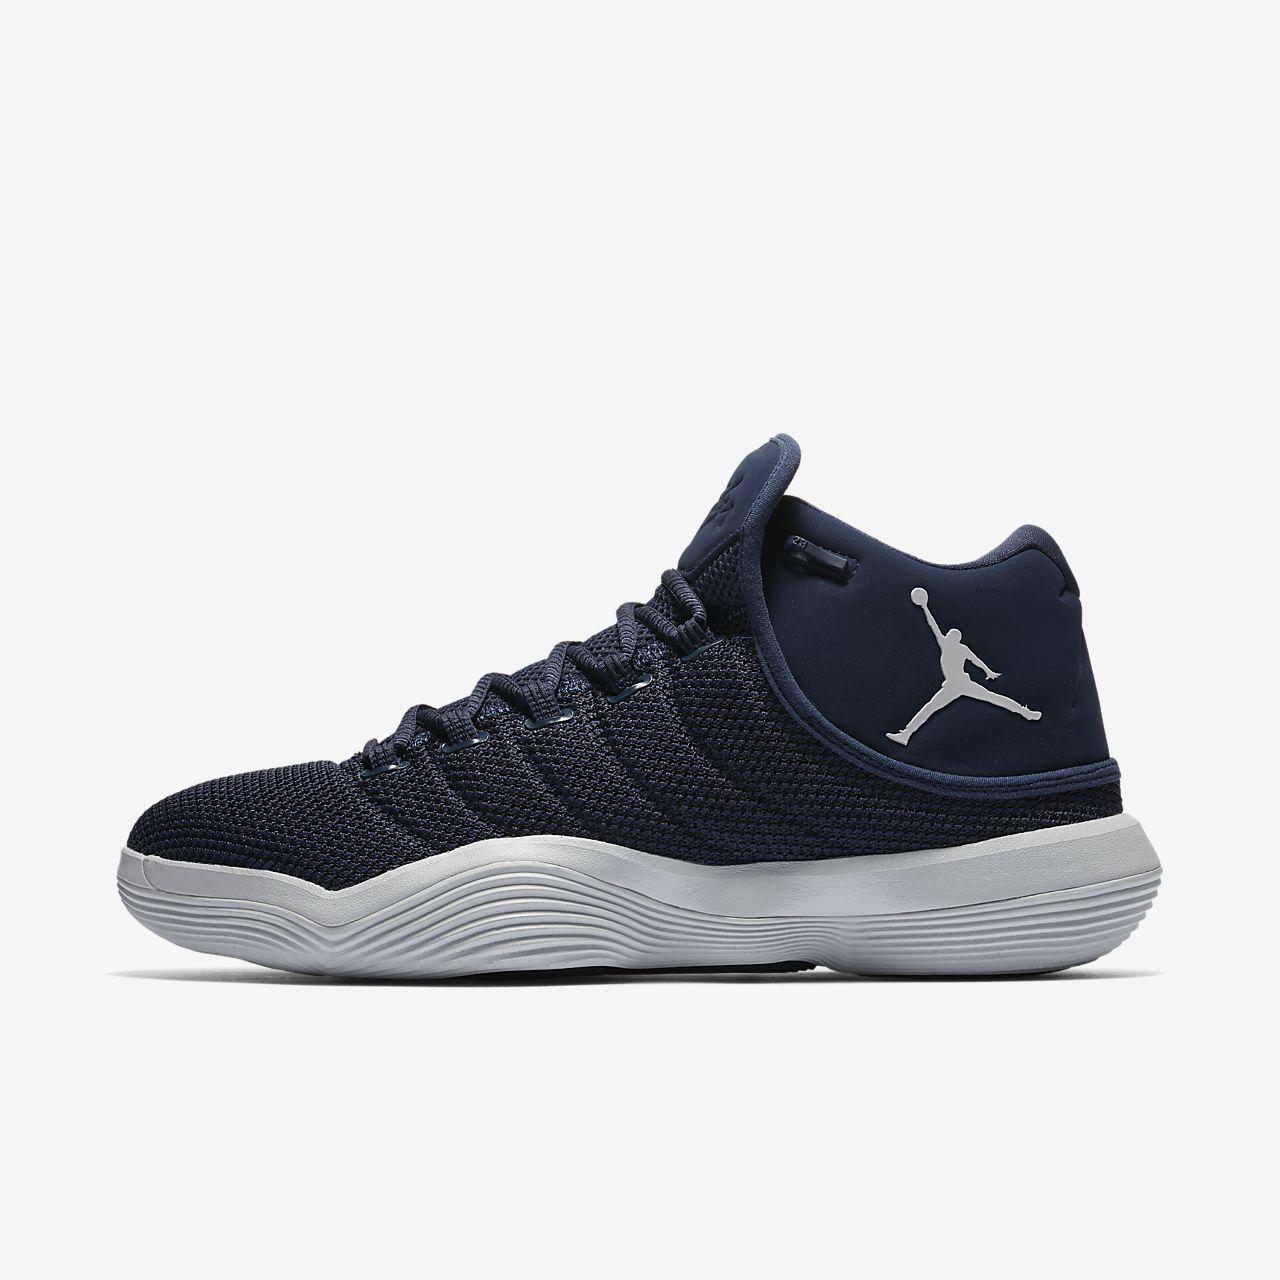 1f0b802db4829 LeBron XI Nike ID Nike Lebron Xi Price